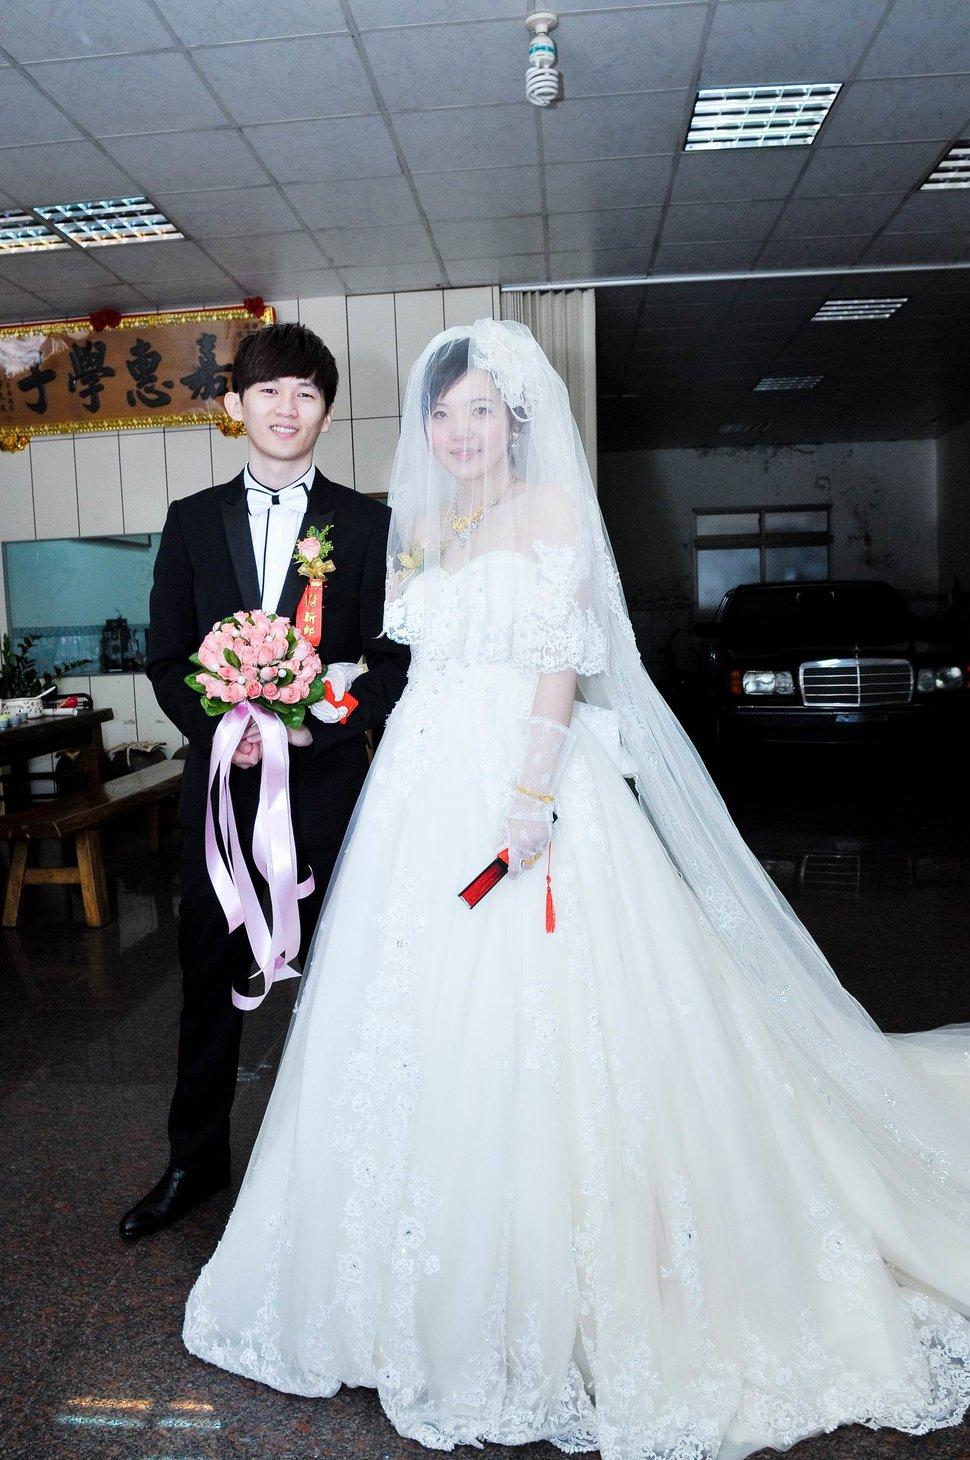 台中天野養生餐廳婚禮記錄婚禮記錄動態微電影錄影專業錄影平面攝影(編號:196403) - 蜜月拍照10800錄影12800攝影團隊 - 結婚吧